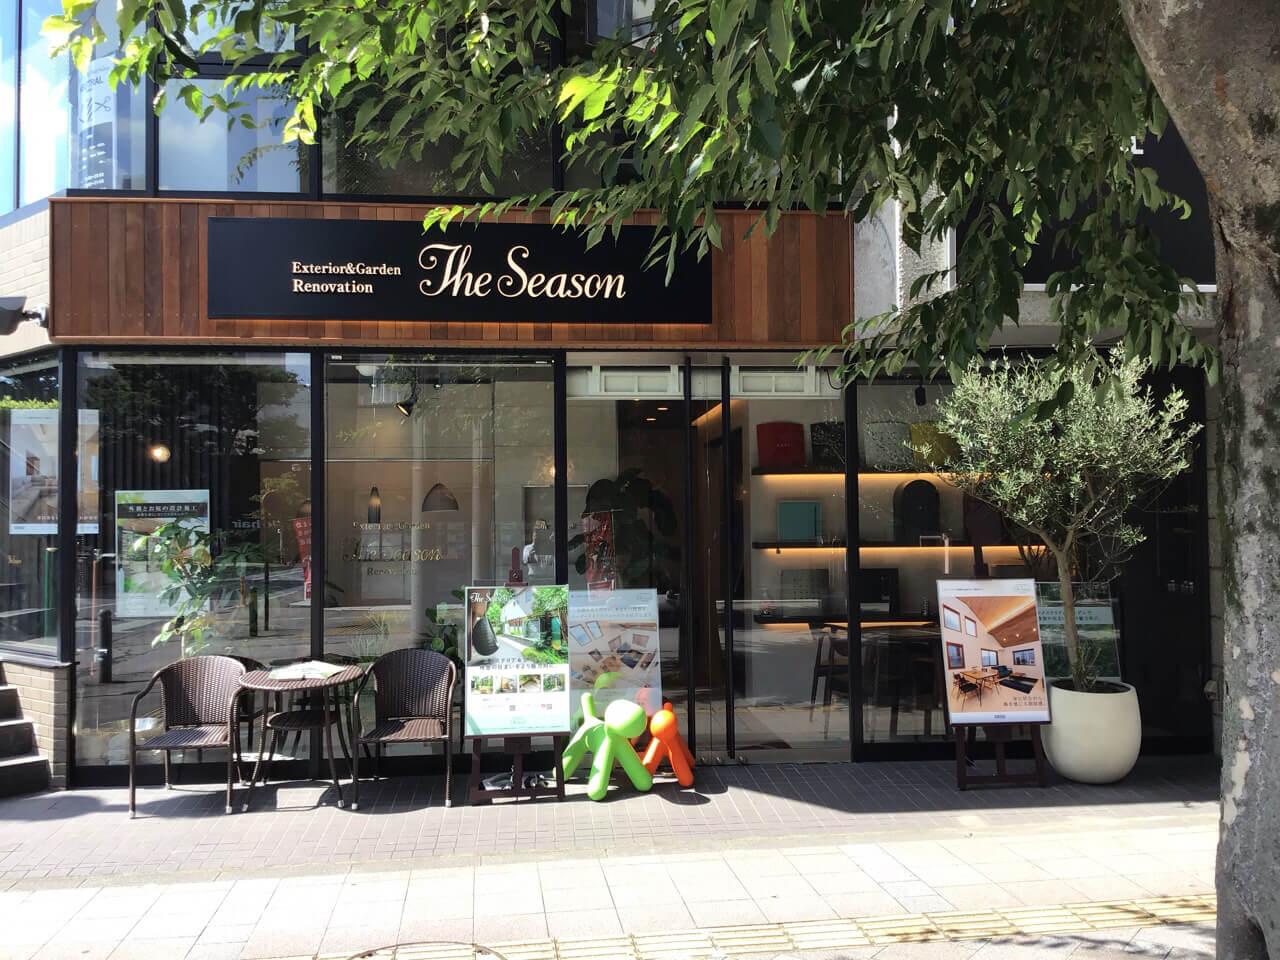 ザ・シーズン浦和店がオープンし二か月が経ちました